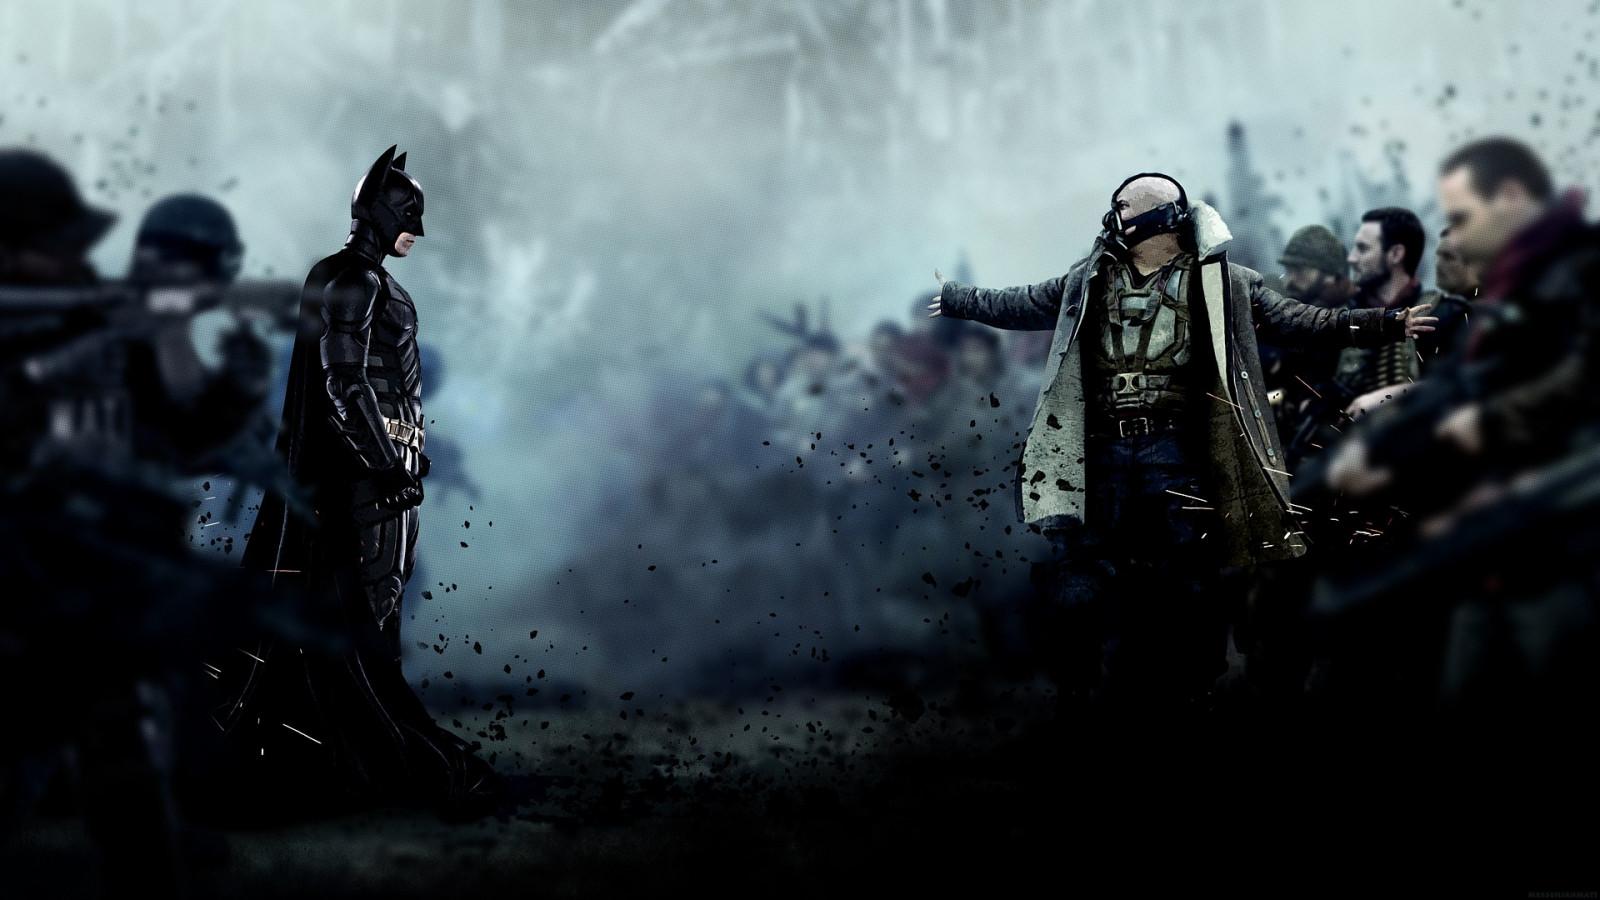 マーベルの魅力的な悪役ペインが悪党たちを率いてバットマンと対峙